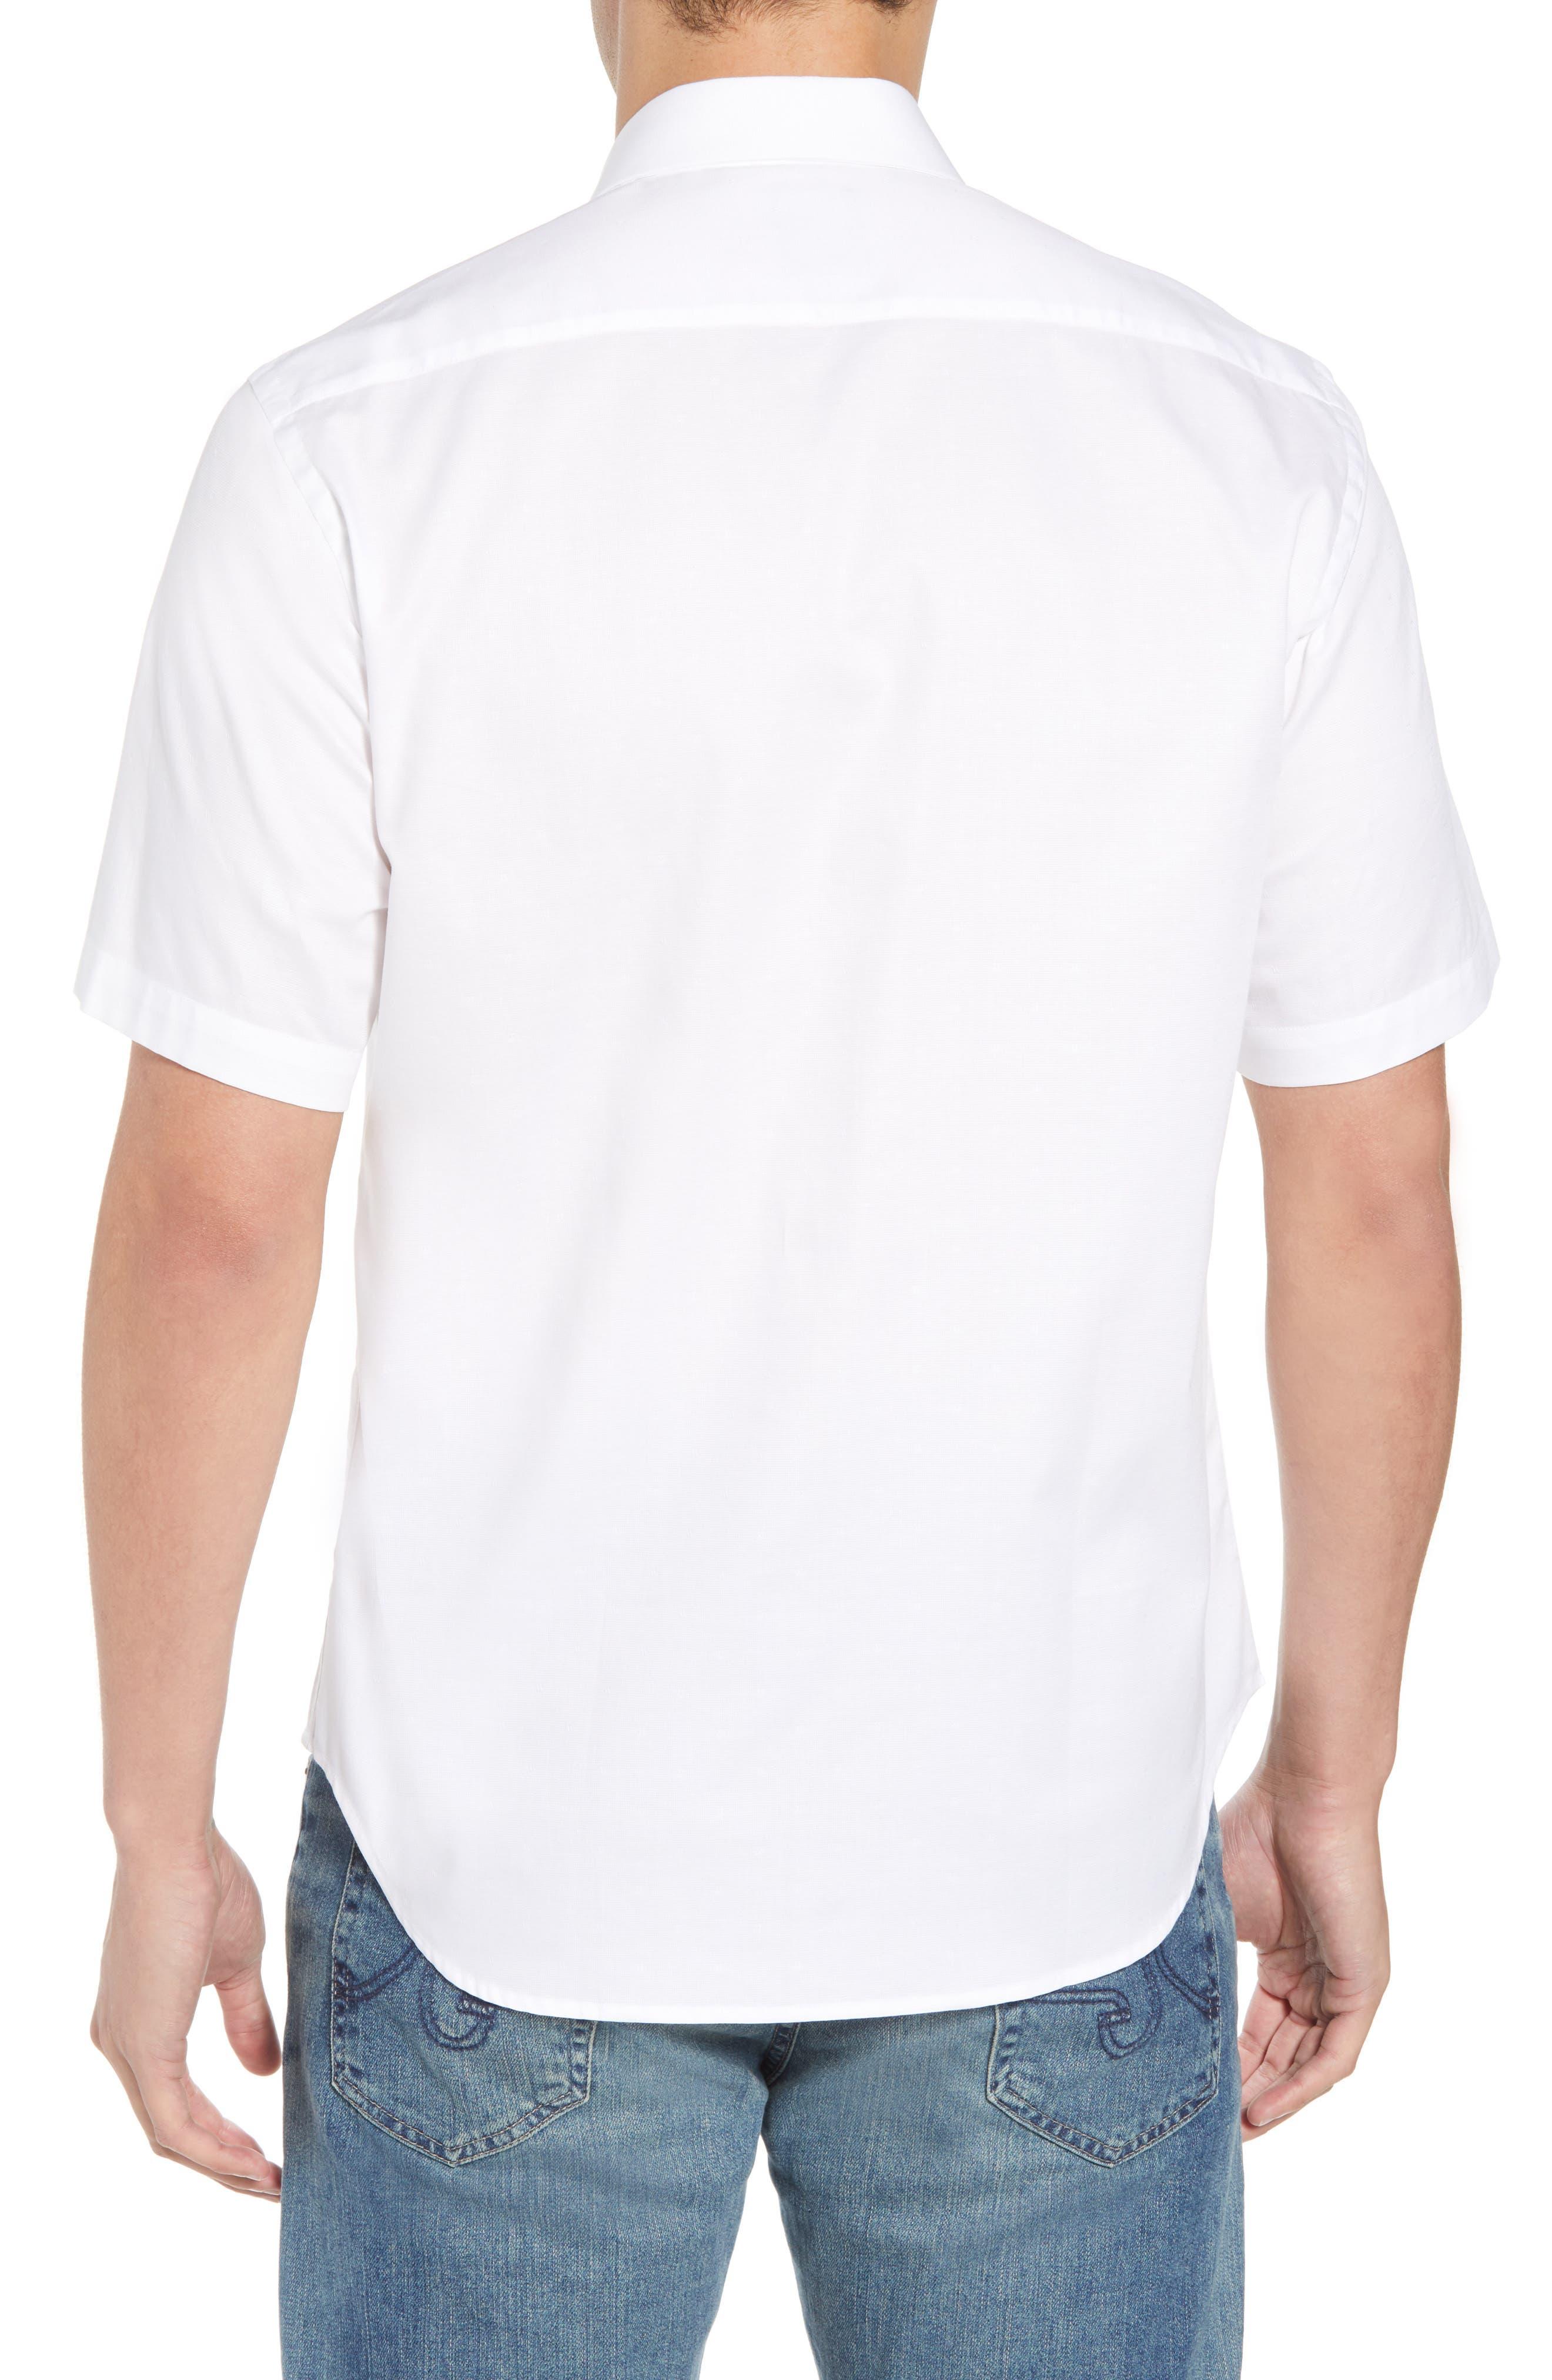 Abbott Regular Fit Sport Shirt,                             Alternate thumbnail 3, color,                             White